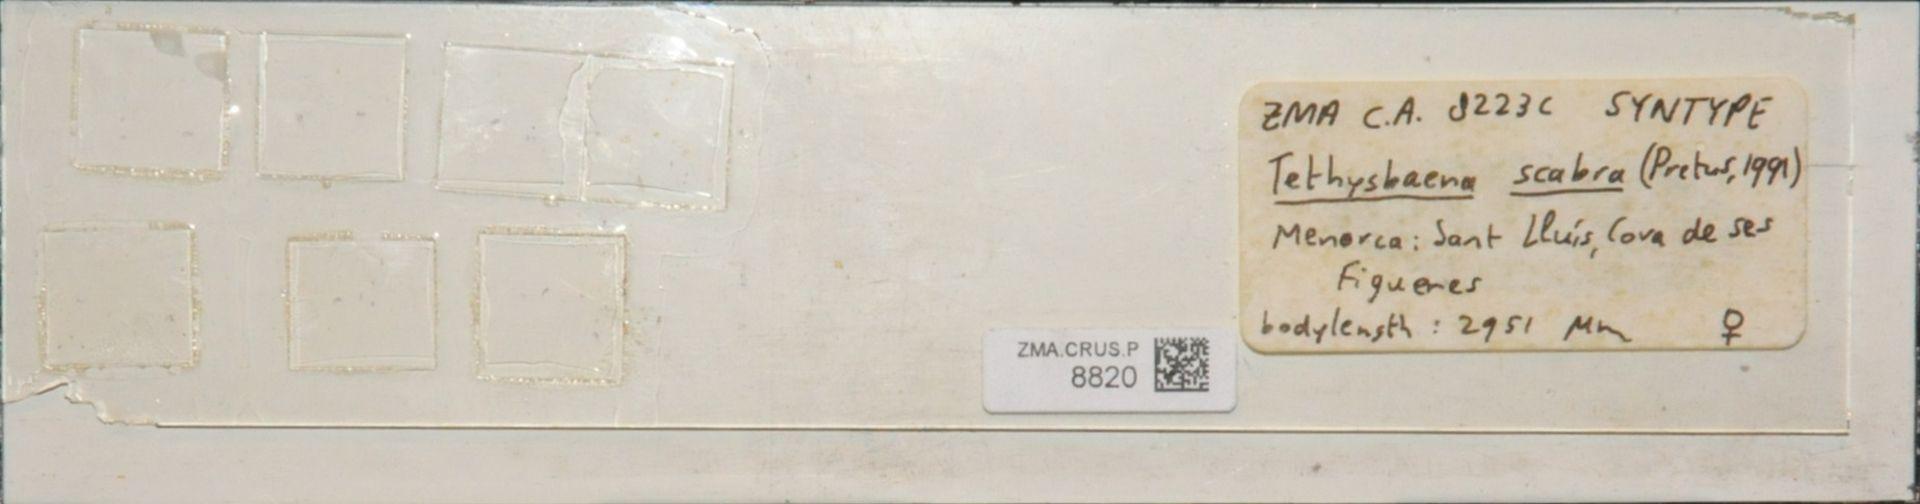 ZMA.CRUS.P.8820 | Tethysbaena scabra (Pretus, 1991)